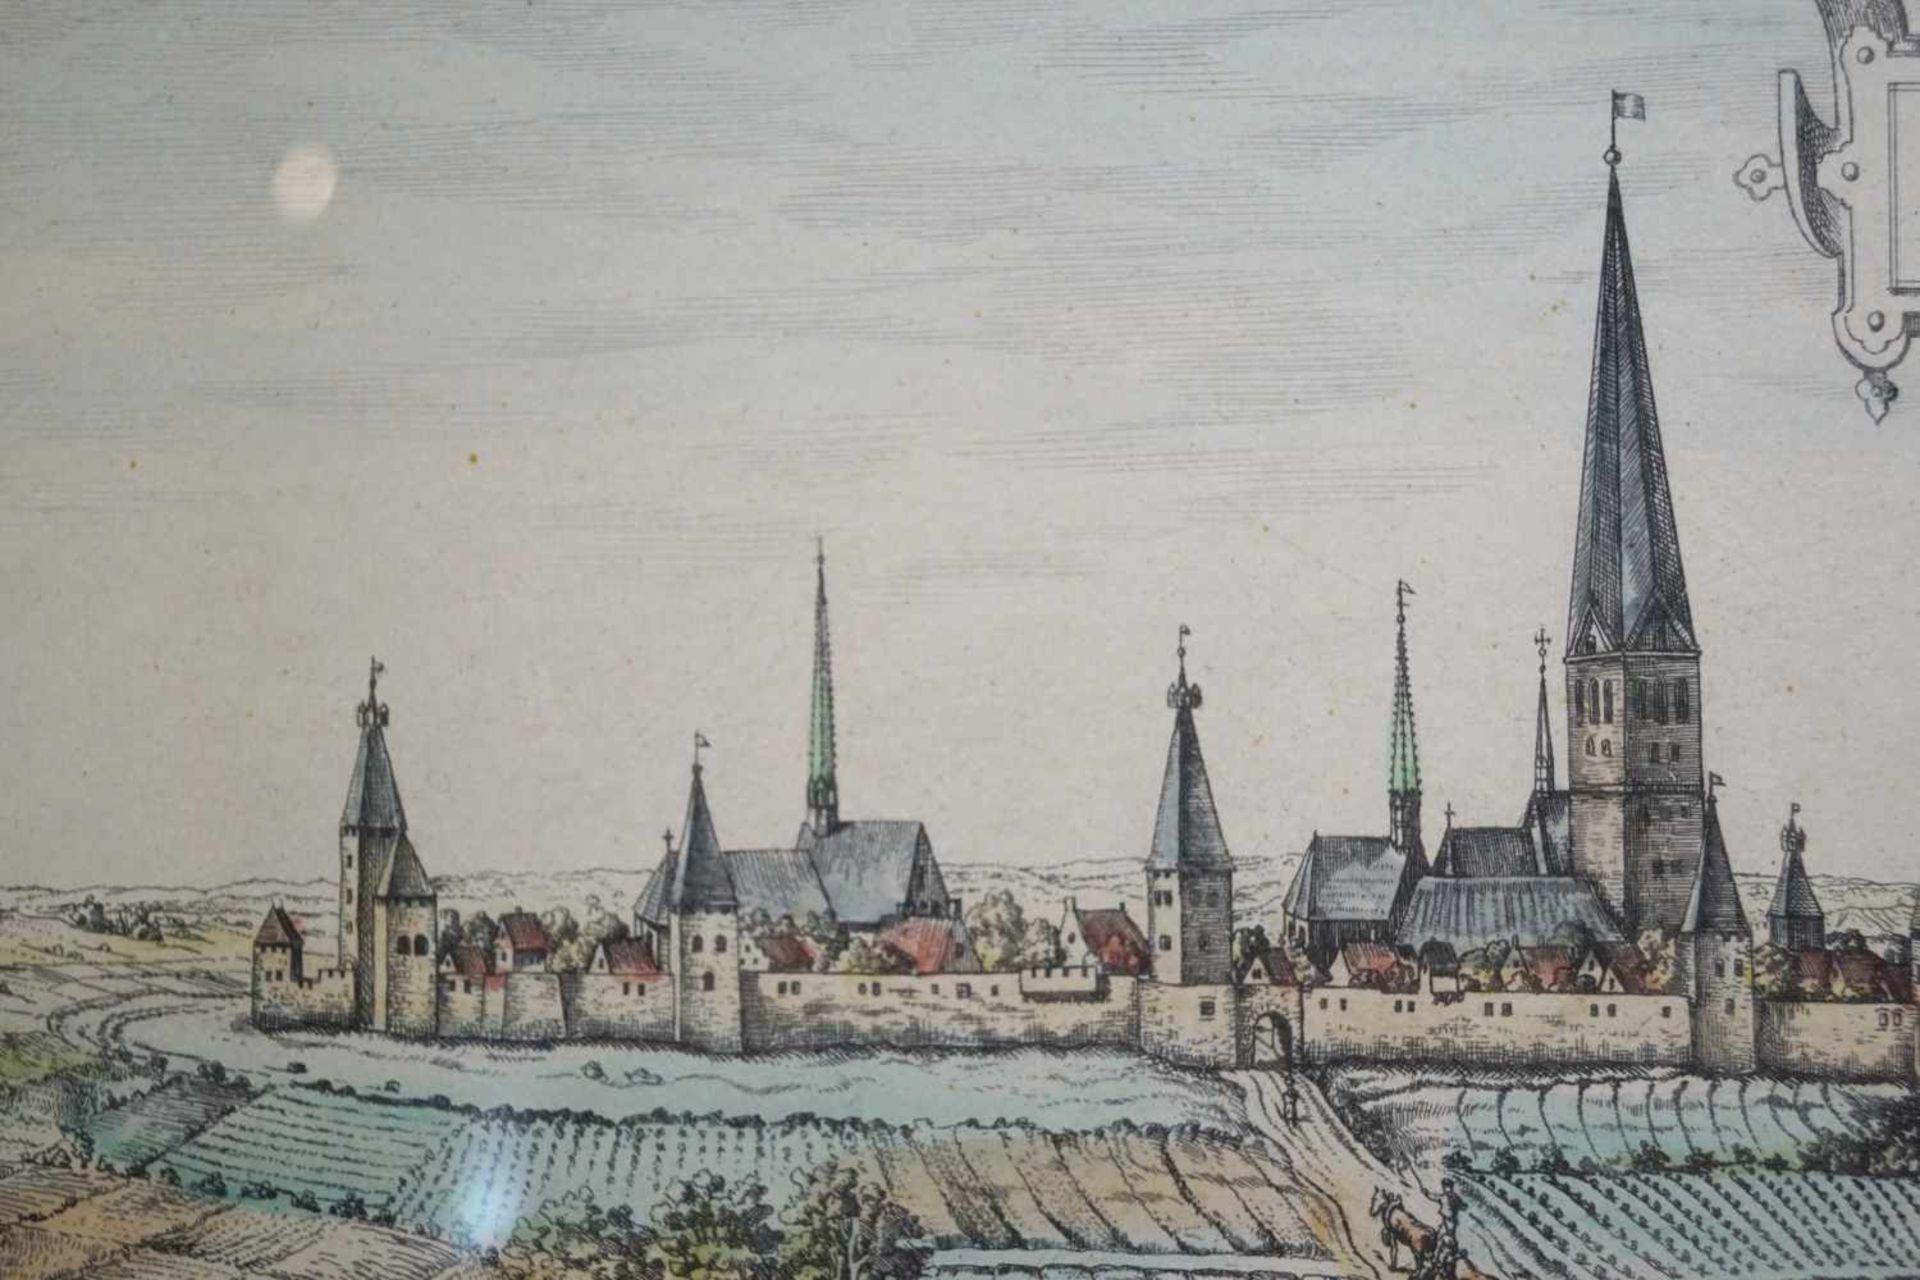 Ansicht von Dortmund im Mittelalter Farbstich, unter Glas gerahmt, Höhe 34,5 cm x Breite 71 cm, in - Bild 4 aus 5